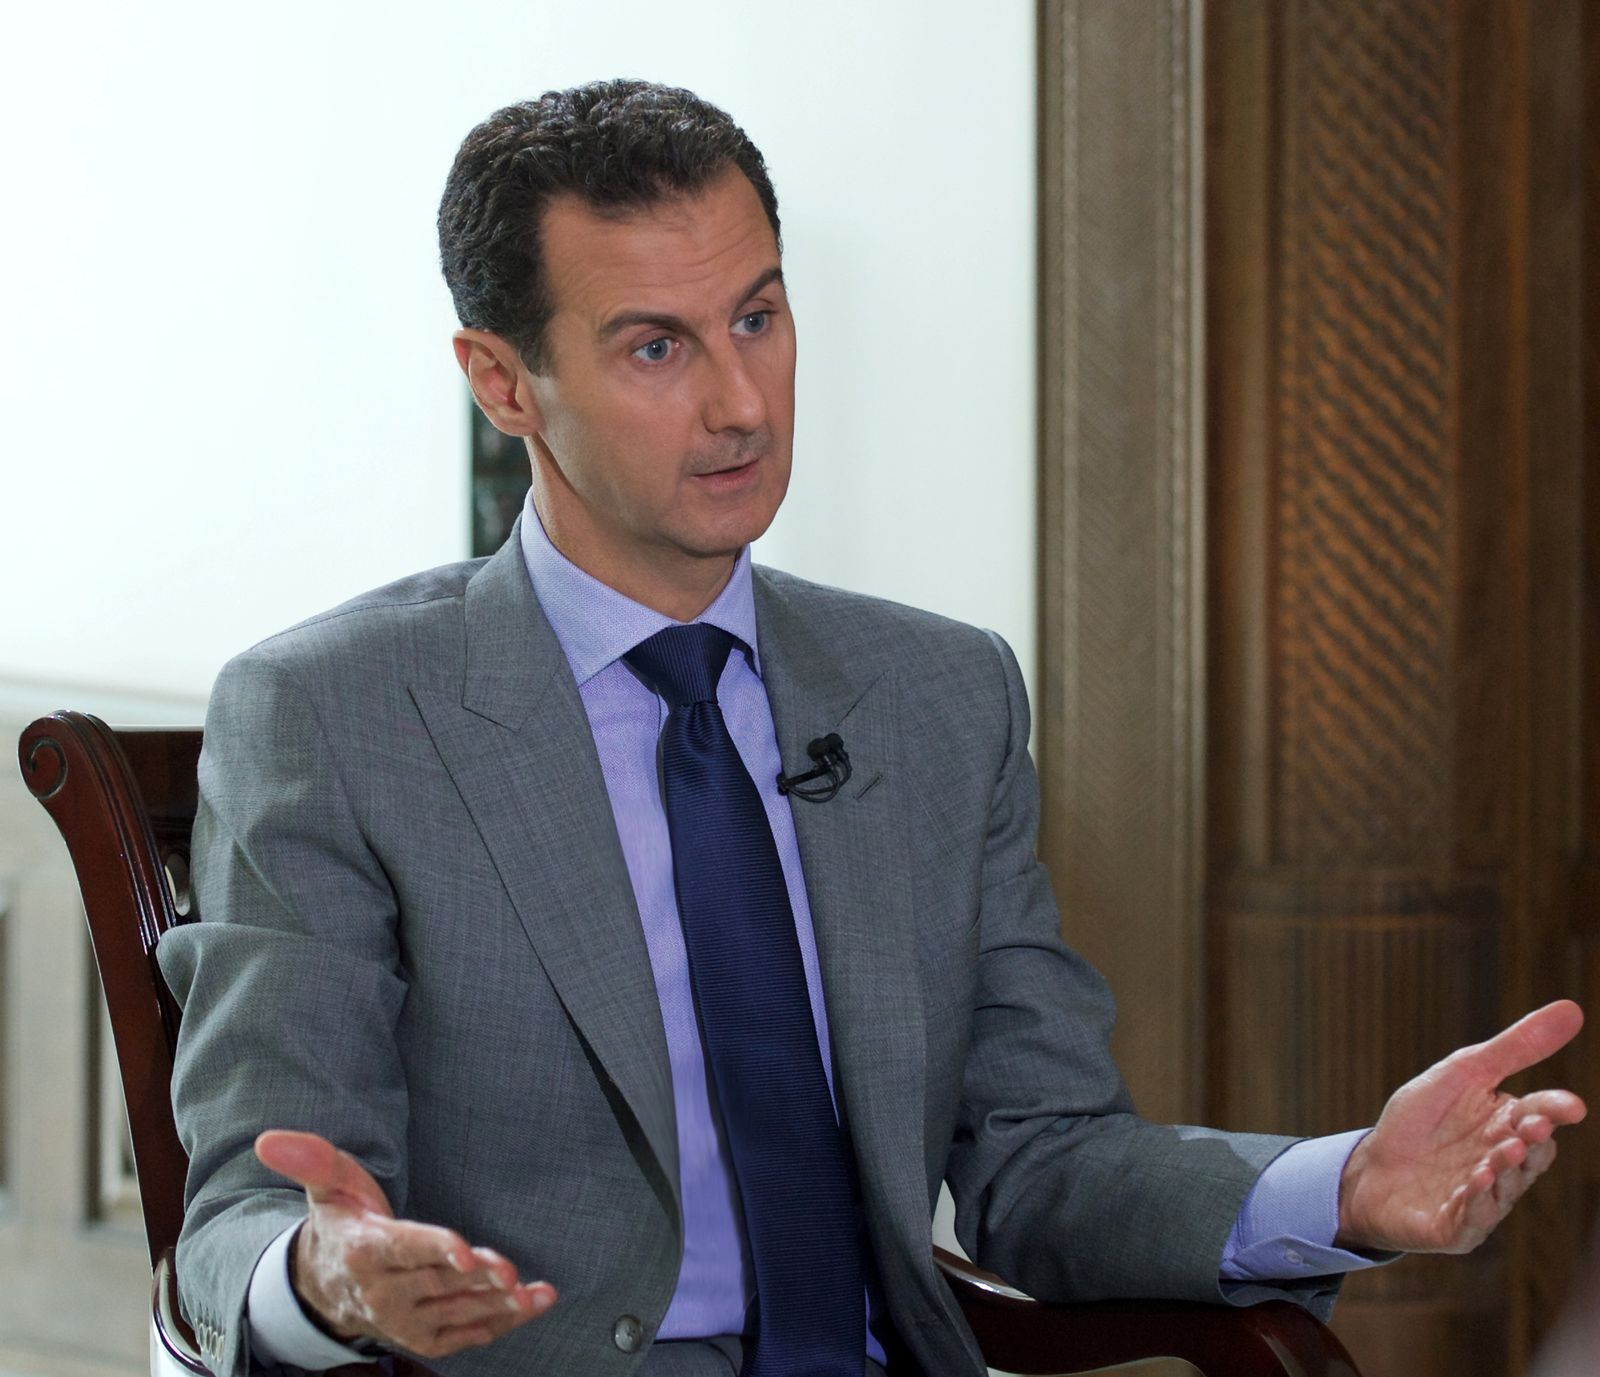 MIDEAST-CRISIS/SYRIA-ASSAD